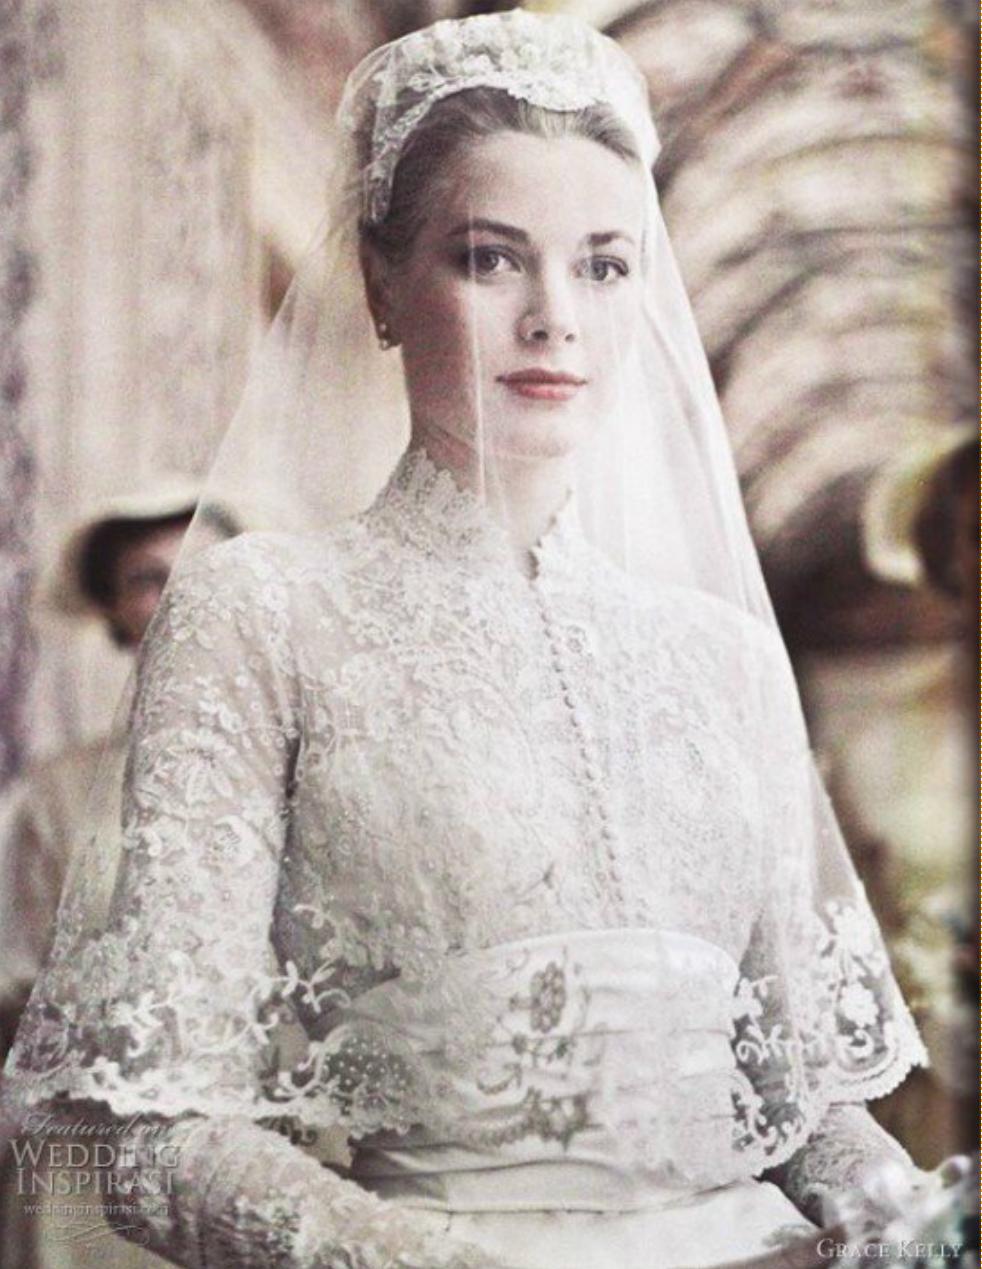 그레이스 켈리 웨딩드레스, 왕실 웨딩드레스, 로얄 웨딩,